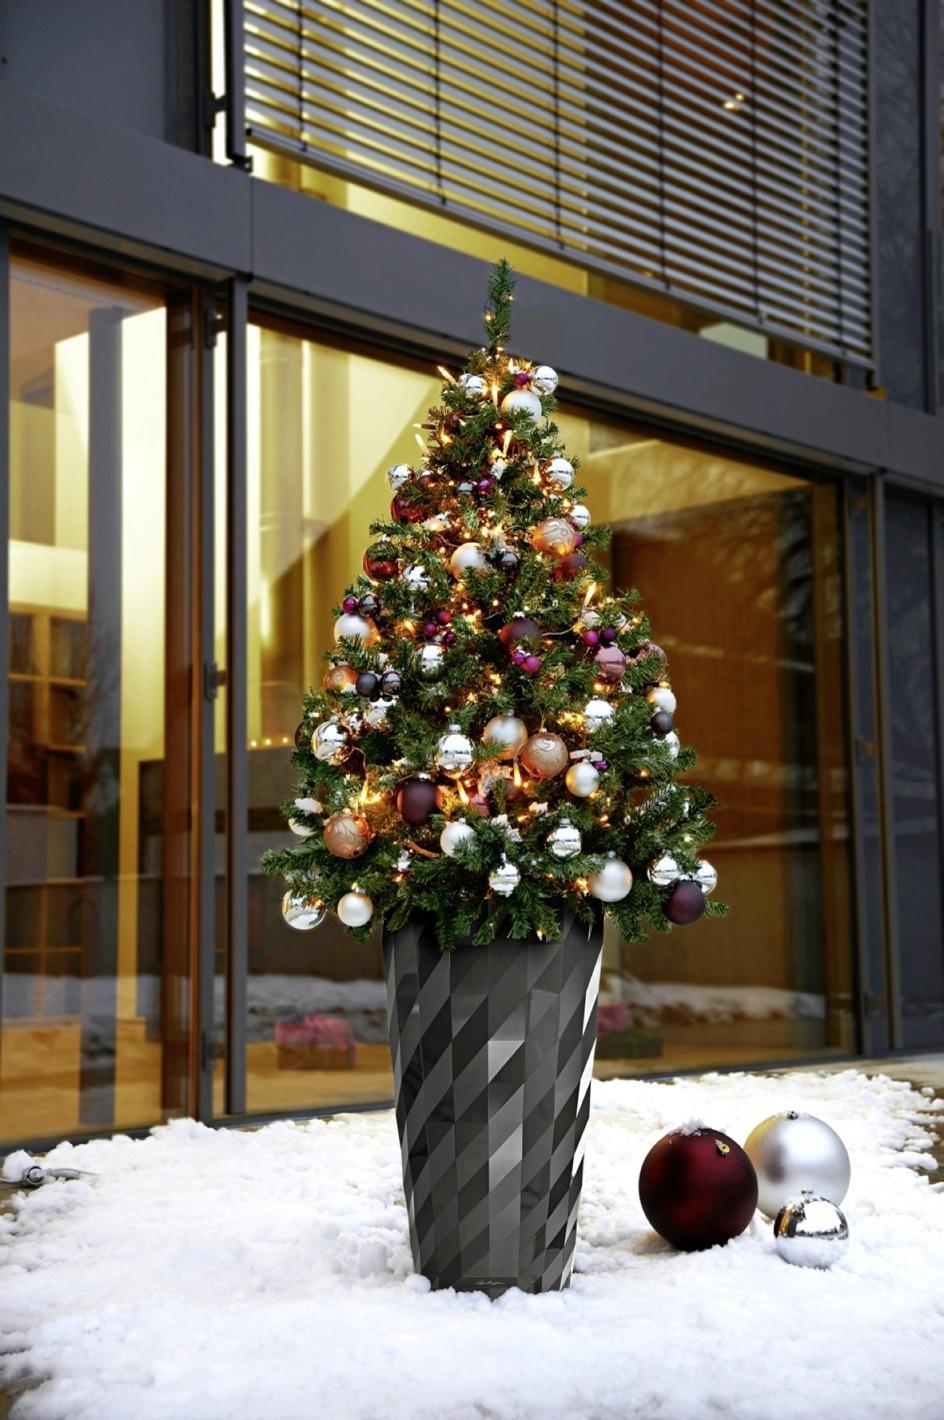 LECHUZA inšpirácia ako využiť kvetináče na vianočnú dekoráciu - Obrázok č. 11